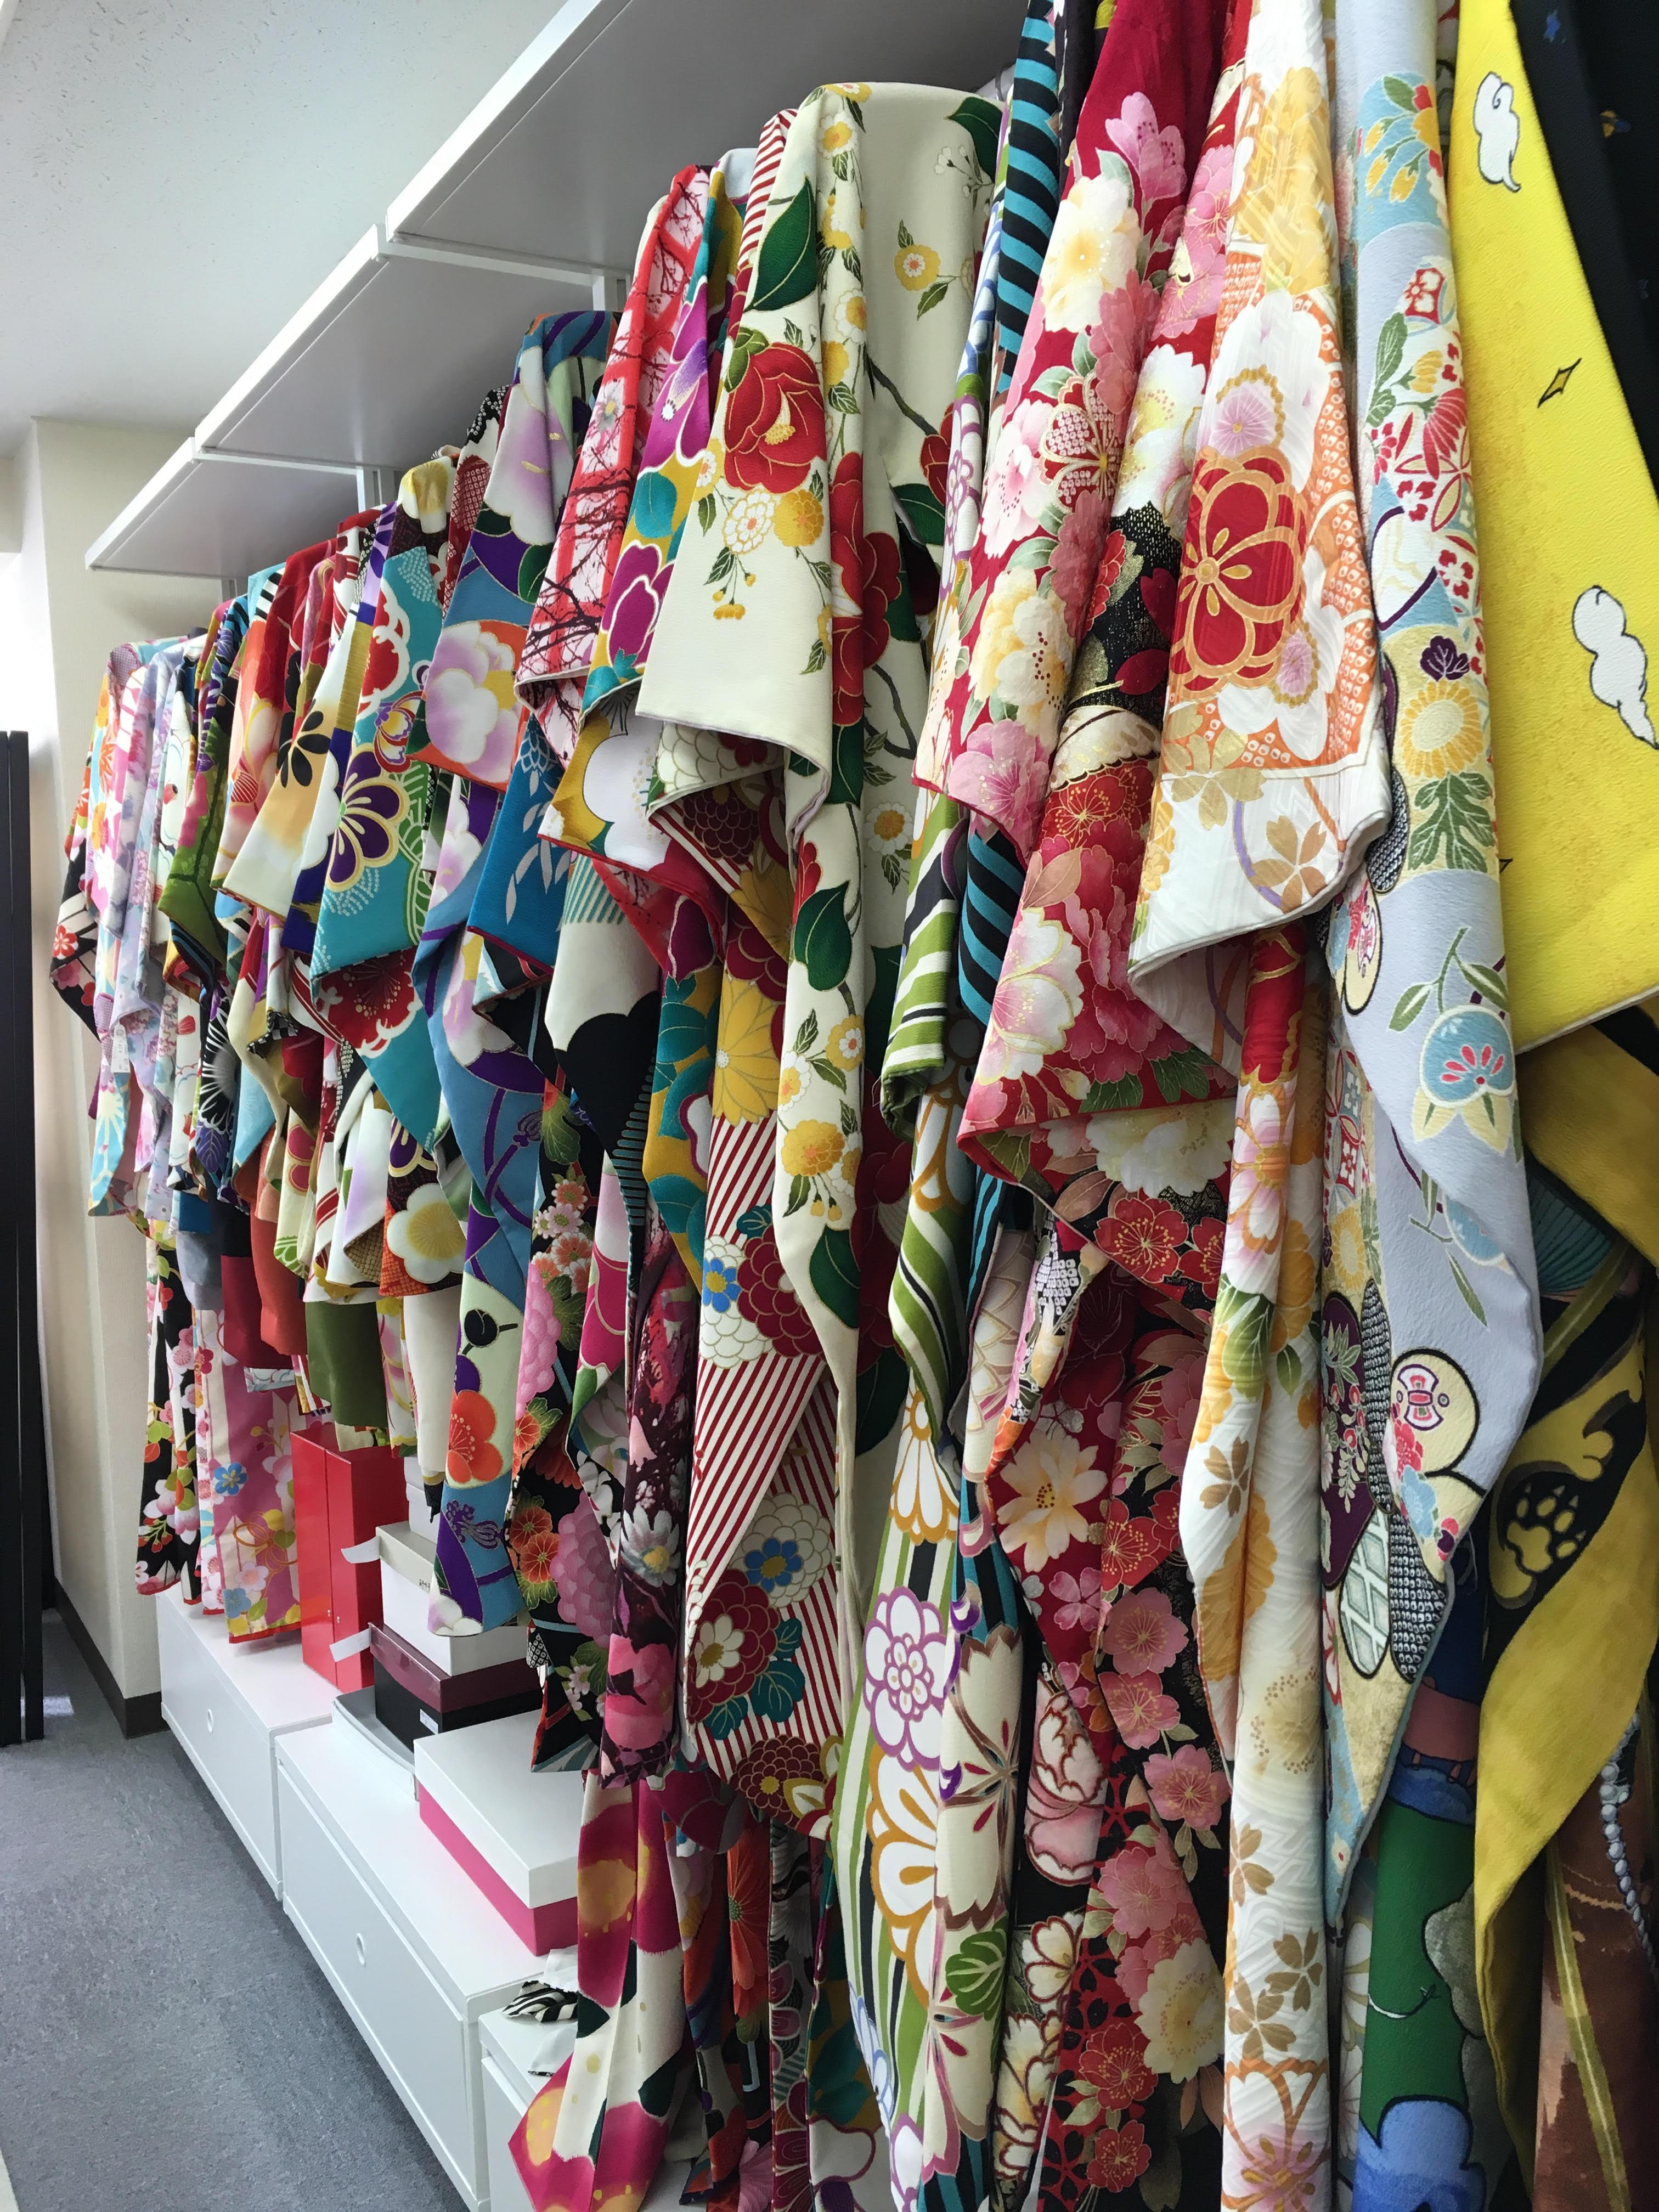 ショールーム 袴 卒業袴 振袖 沢山 気軽に見られる ルームへ行ってみた。その2 袴 レンタル 卒業式 初めての着物 初めての袴 借りる